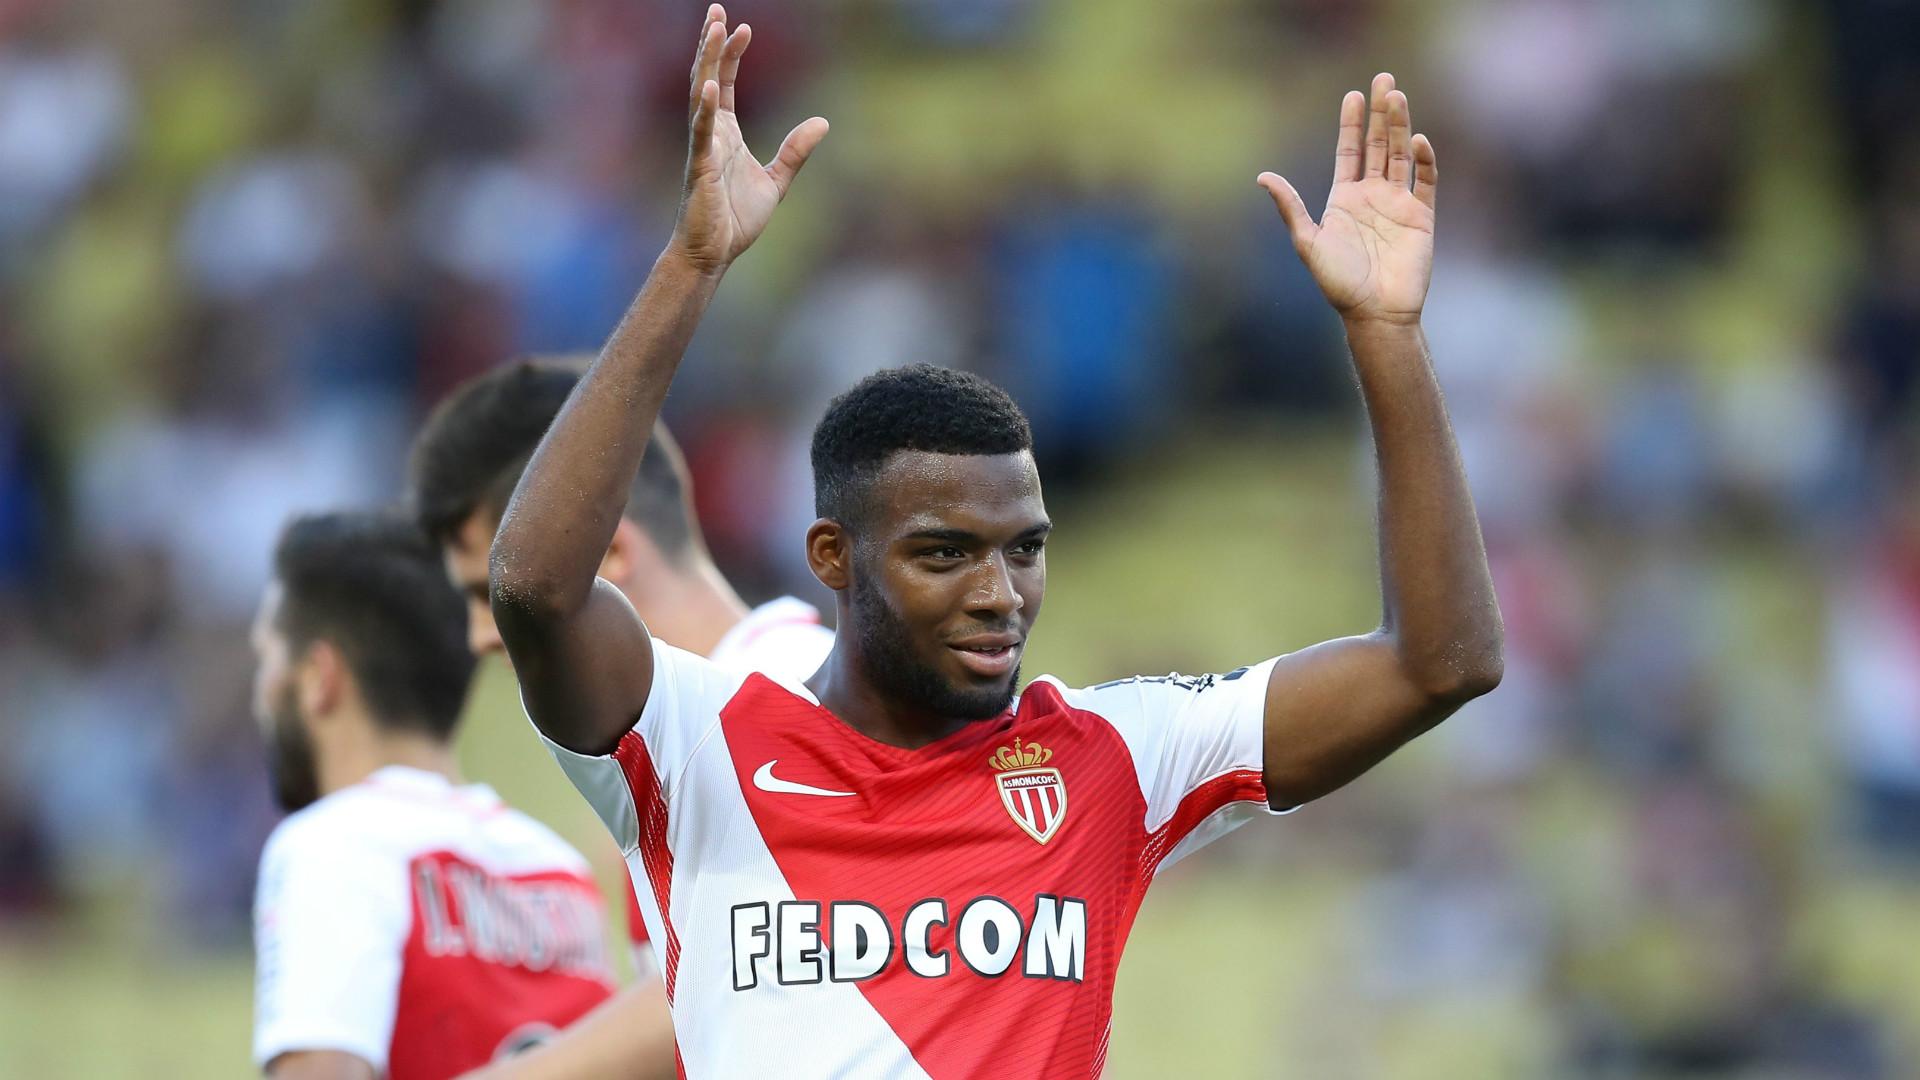 Résultat Coupe de France : l'AS Monaco passe, deux surprises ce vendredi